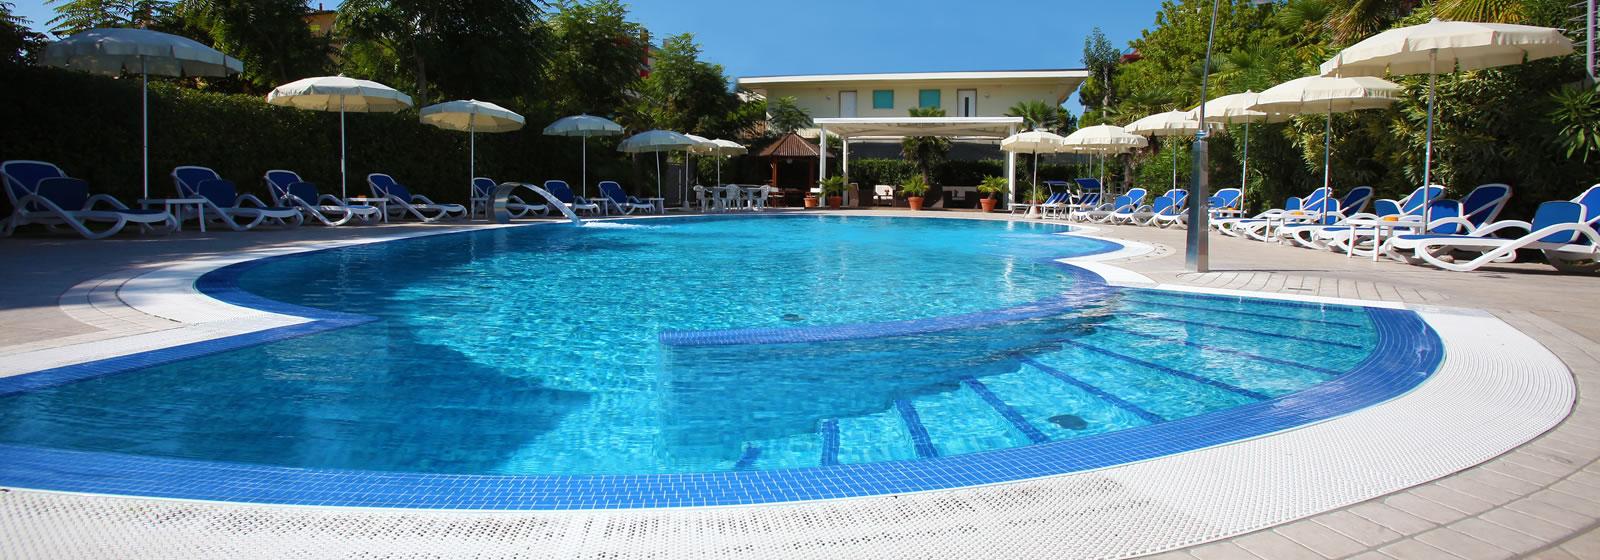 Hotel 4 stelle jesolo con piscina hotel helios jesolo - Hotel con piscina jesolo ...